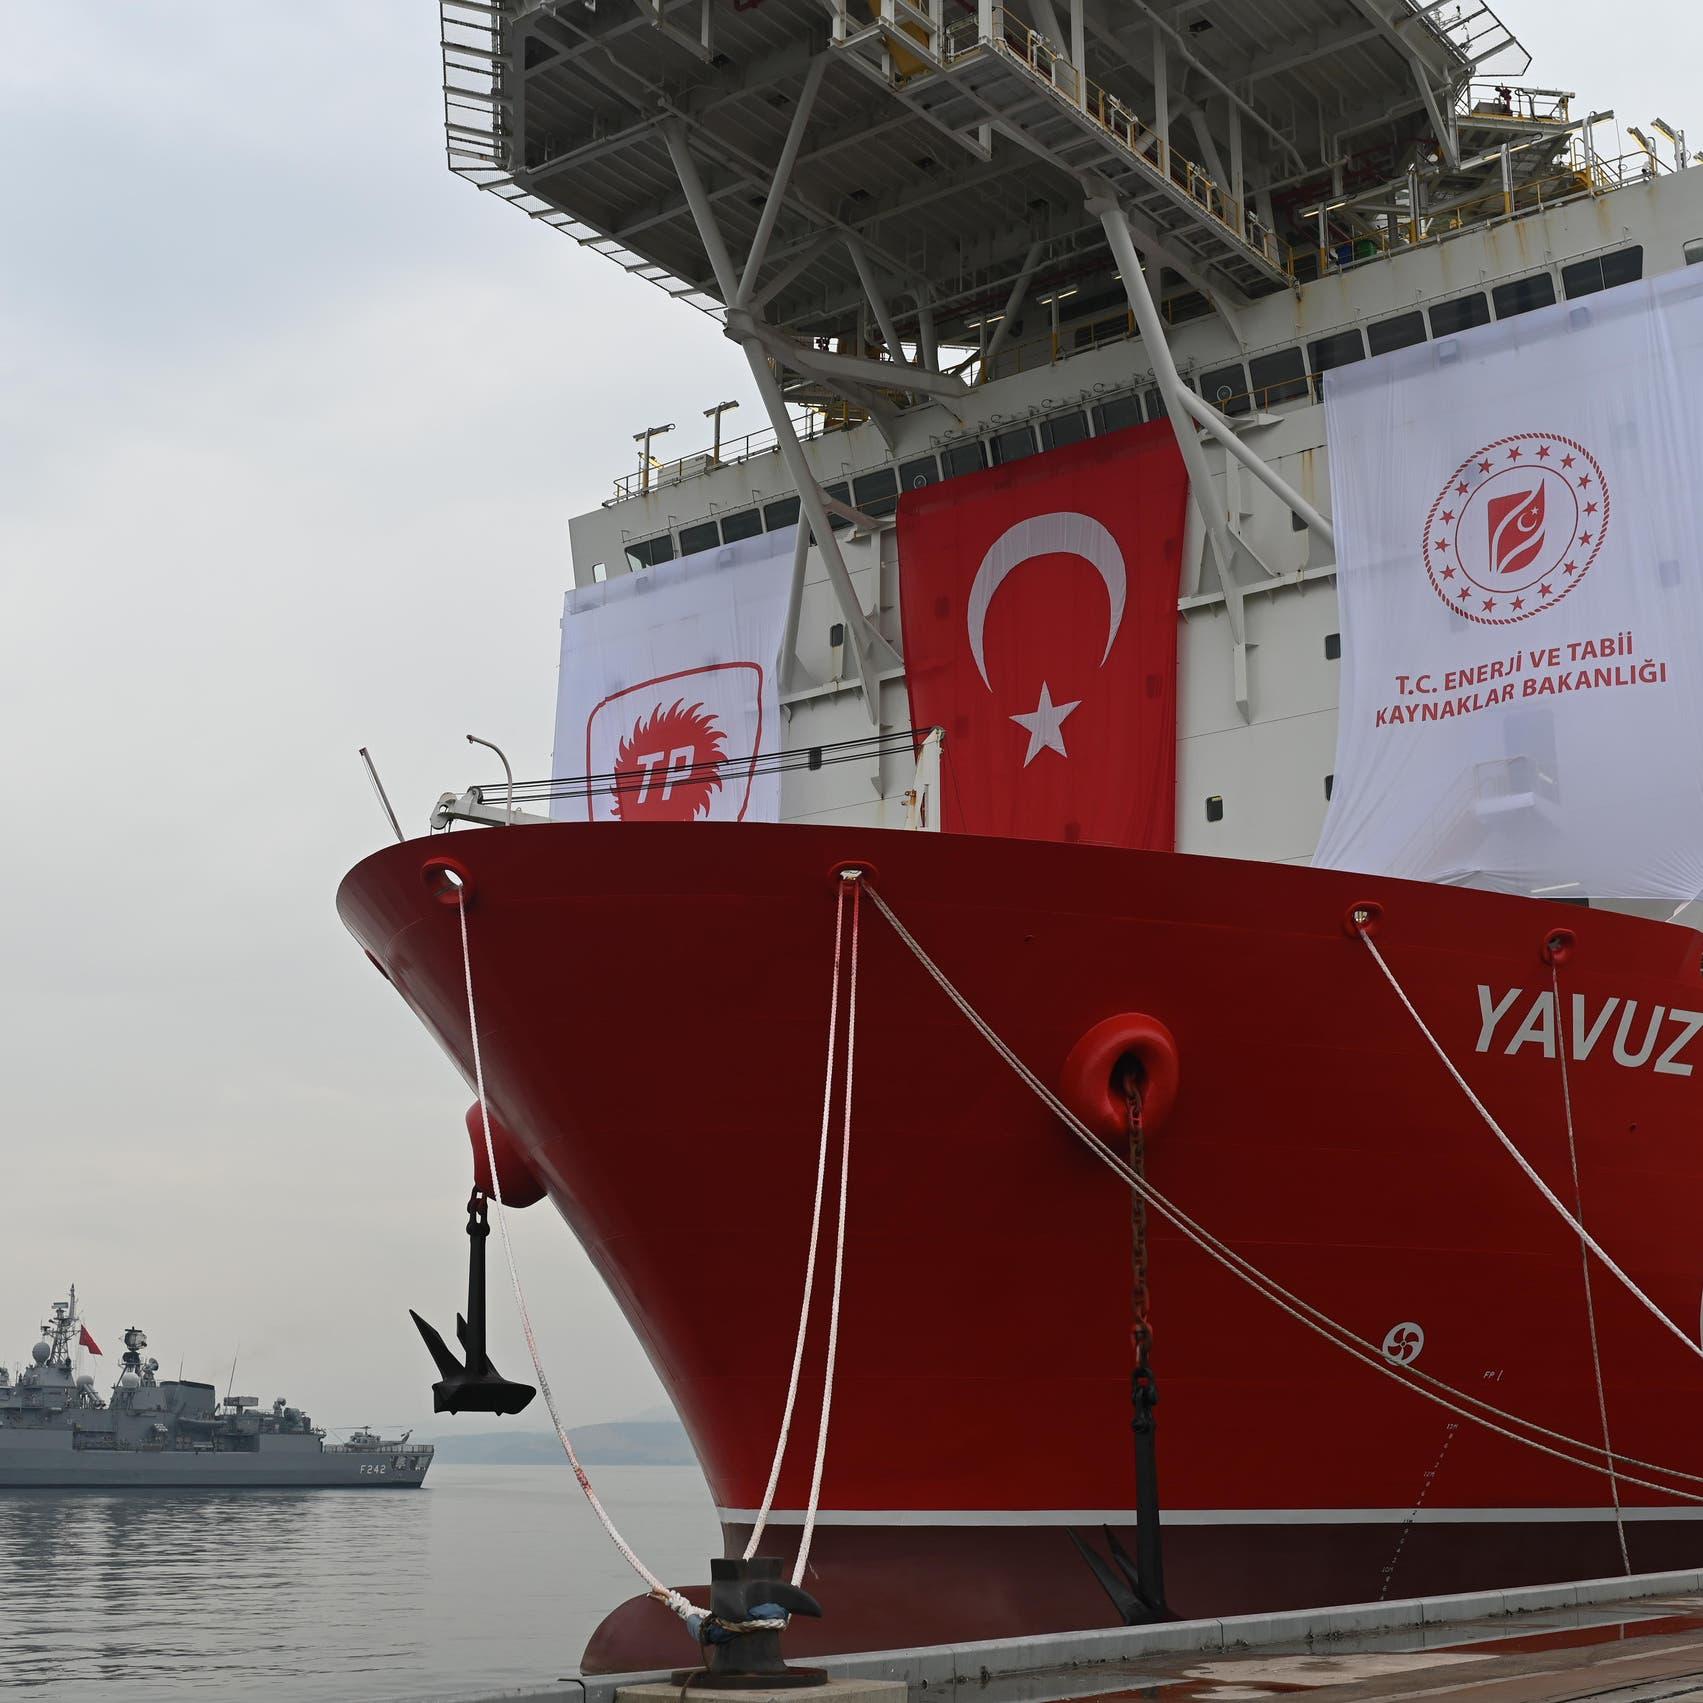 اليونان: تركيا تهدد وتطلب الحوار في آن